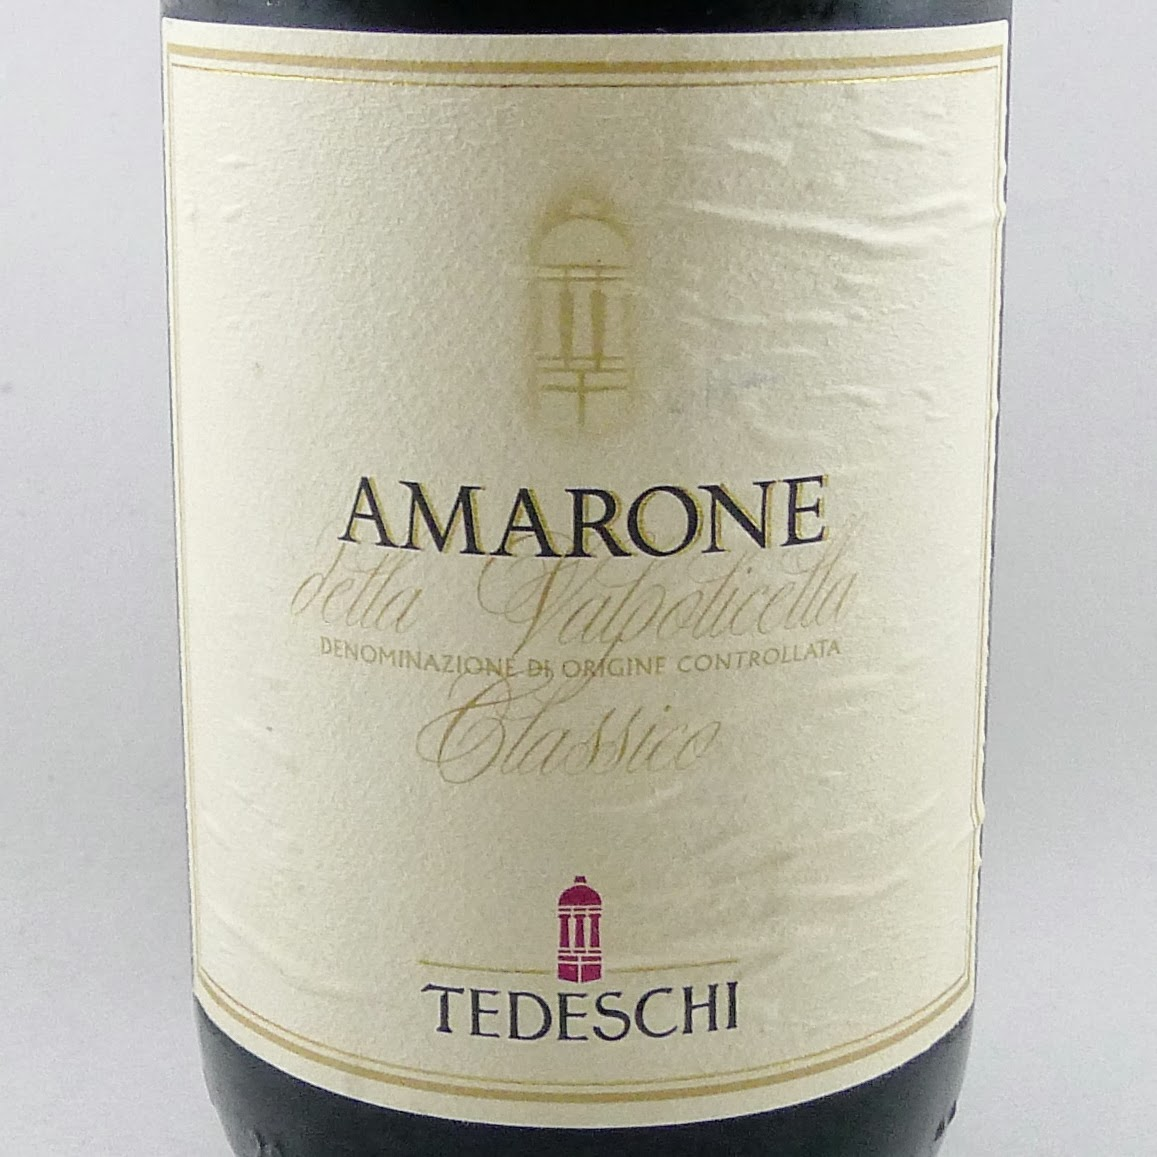 泰得奇阿马罗尼经典干红Tedeschi Amarone della Valpolicella Classico